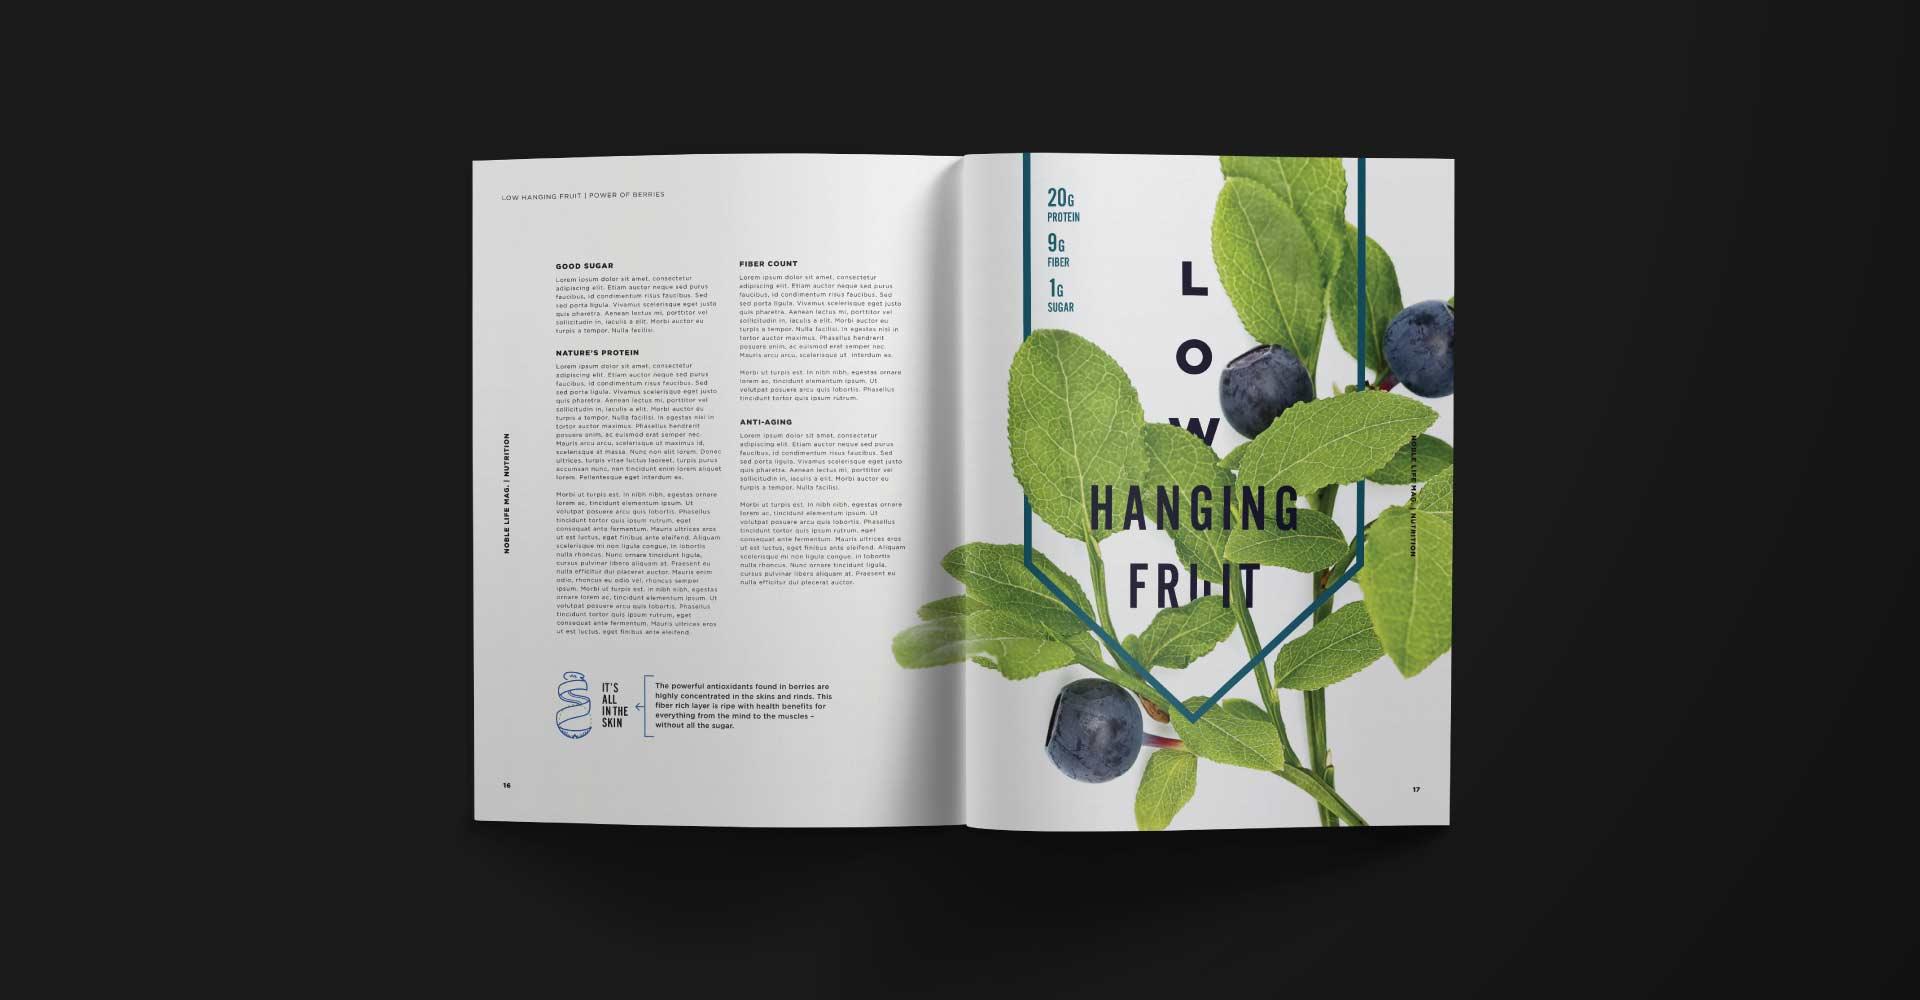 Creative_Retail_Packaging_Branding_Design_Noble_Branch_Fitness_8.jpg